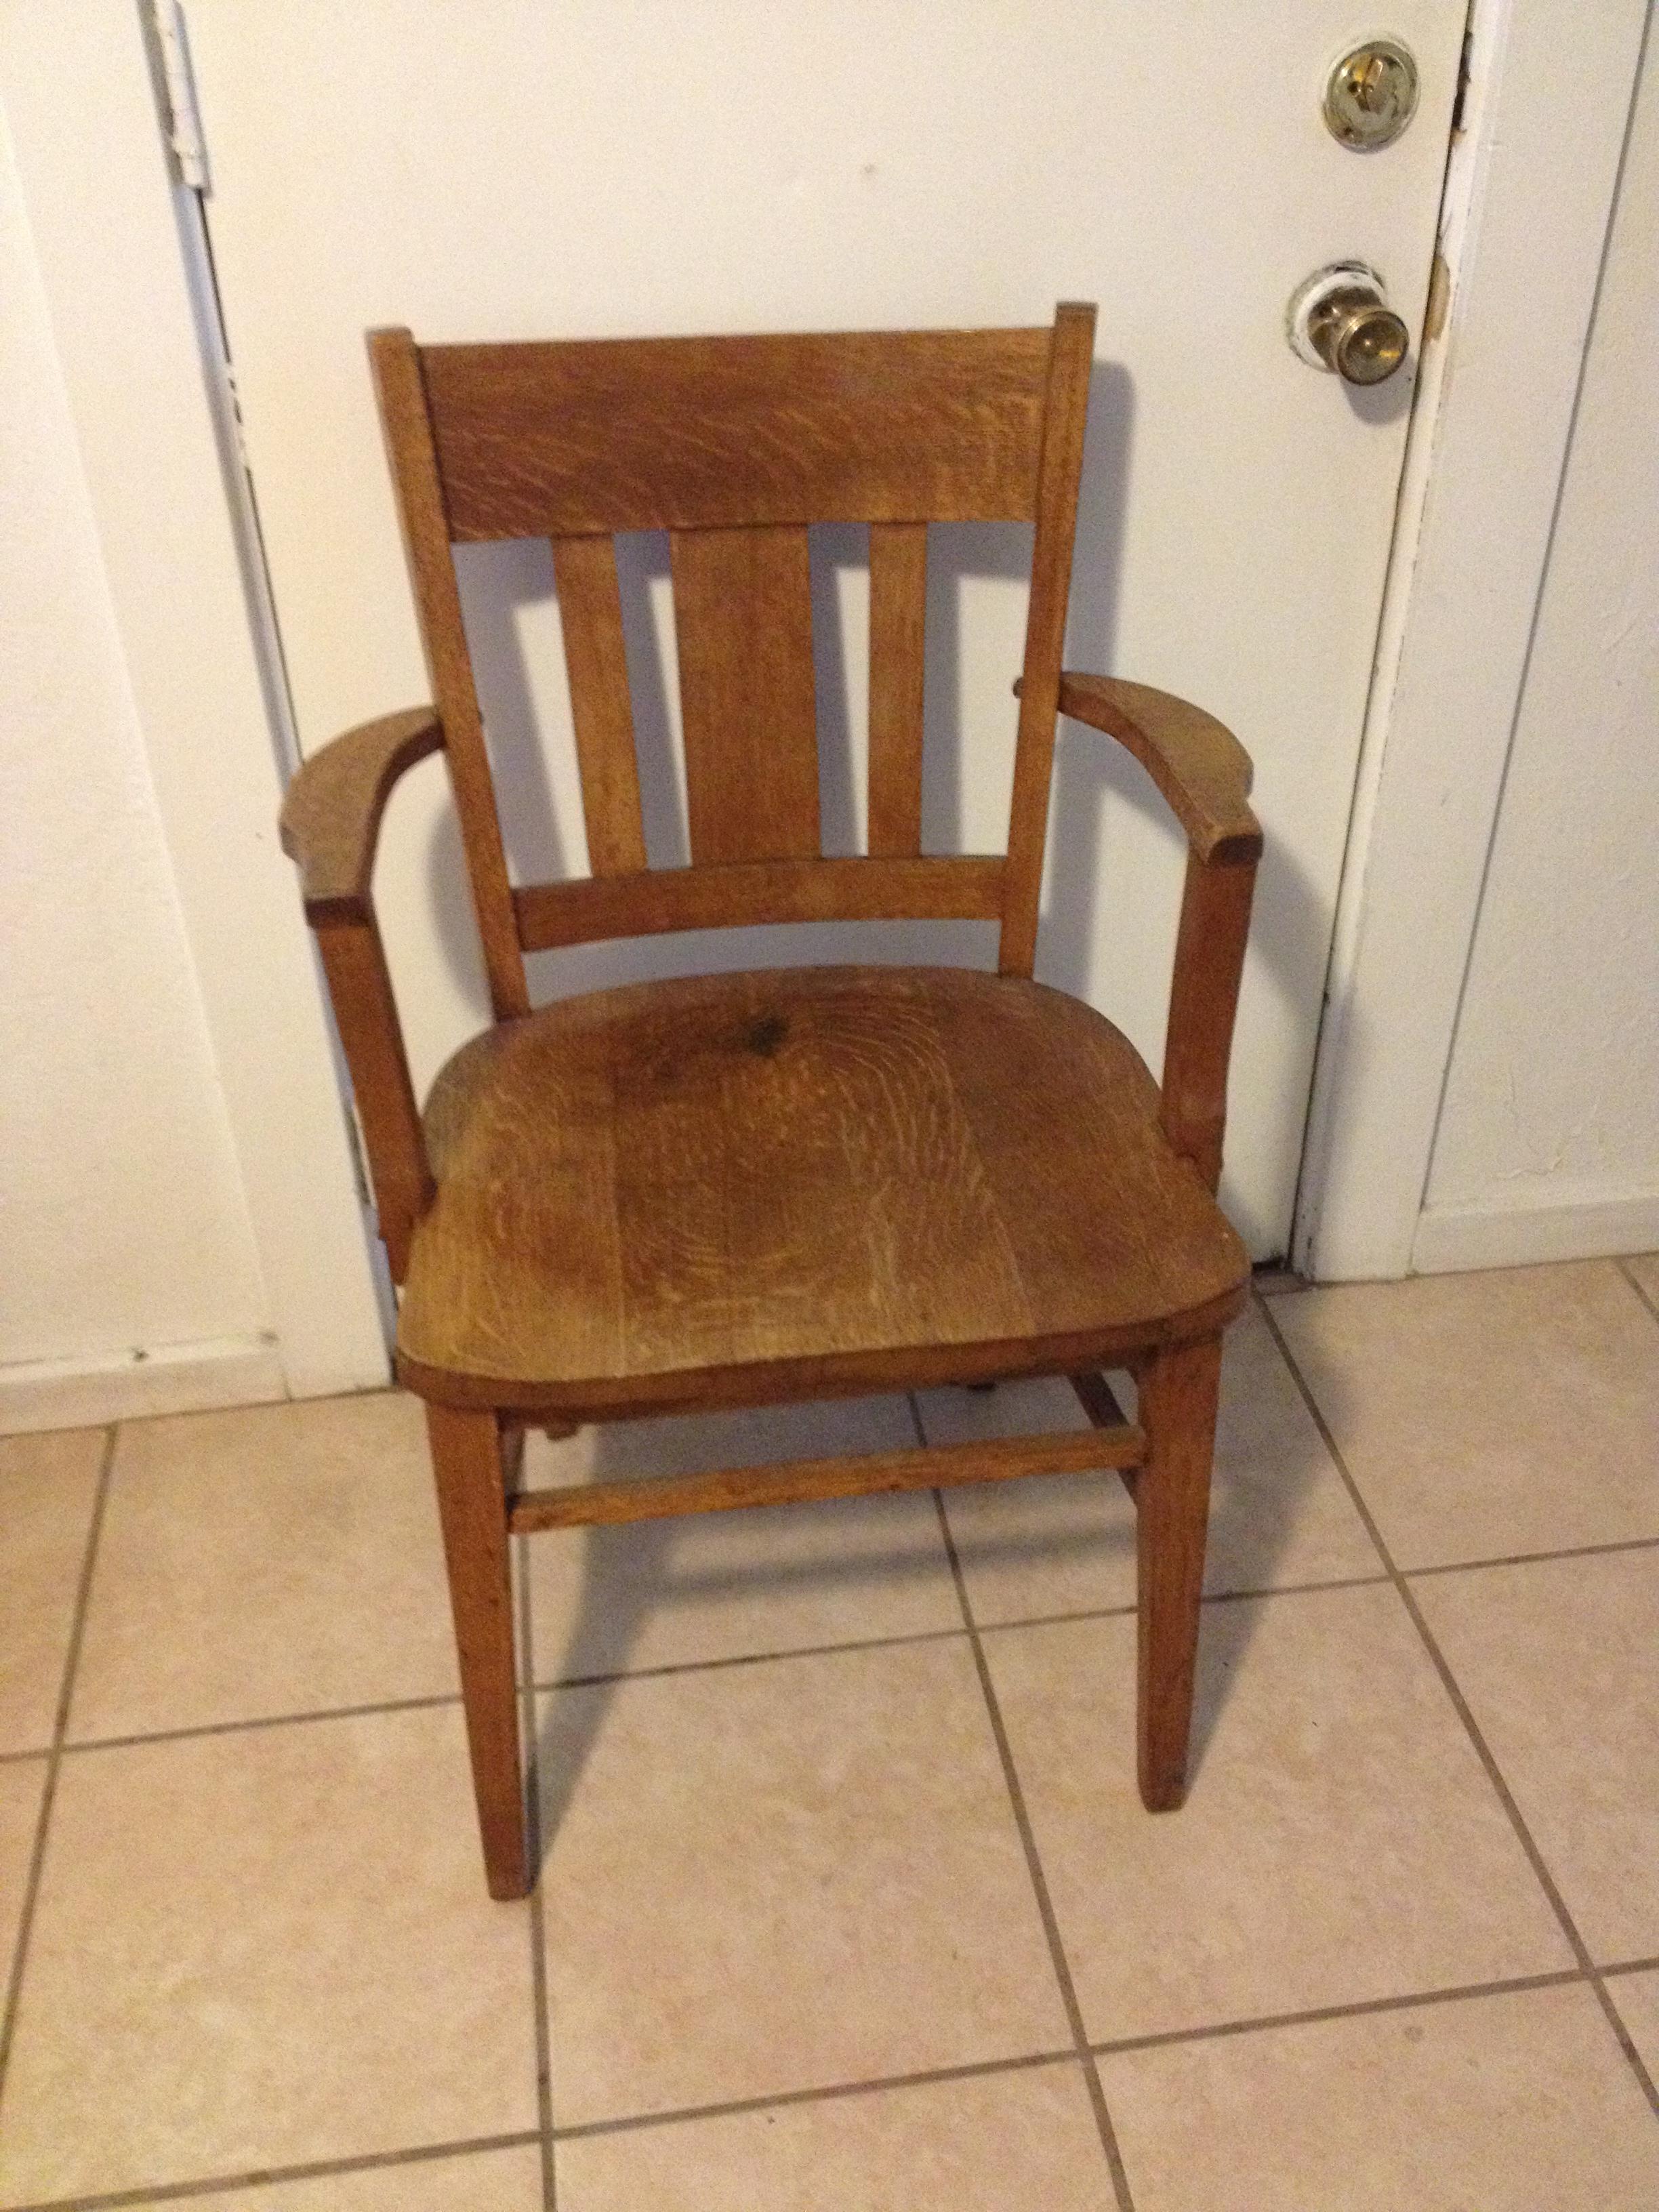 murphy chair company modern outdoor lounge antique appraisal instappraisal